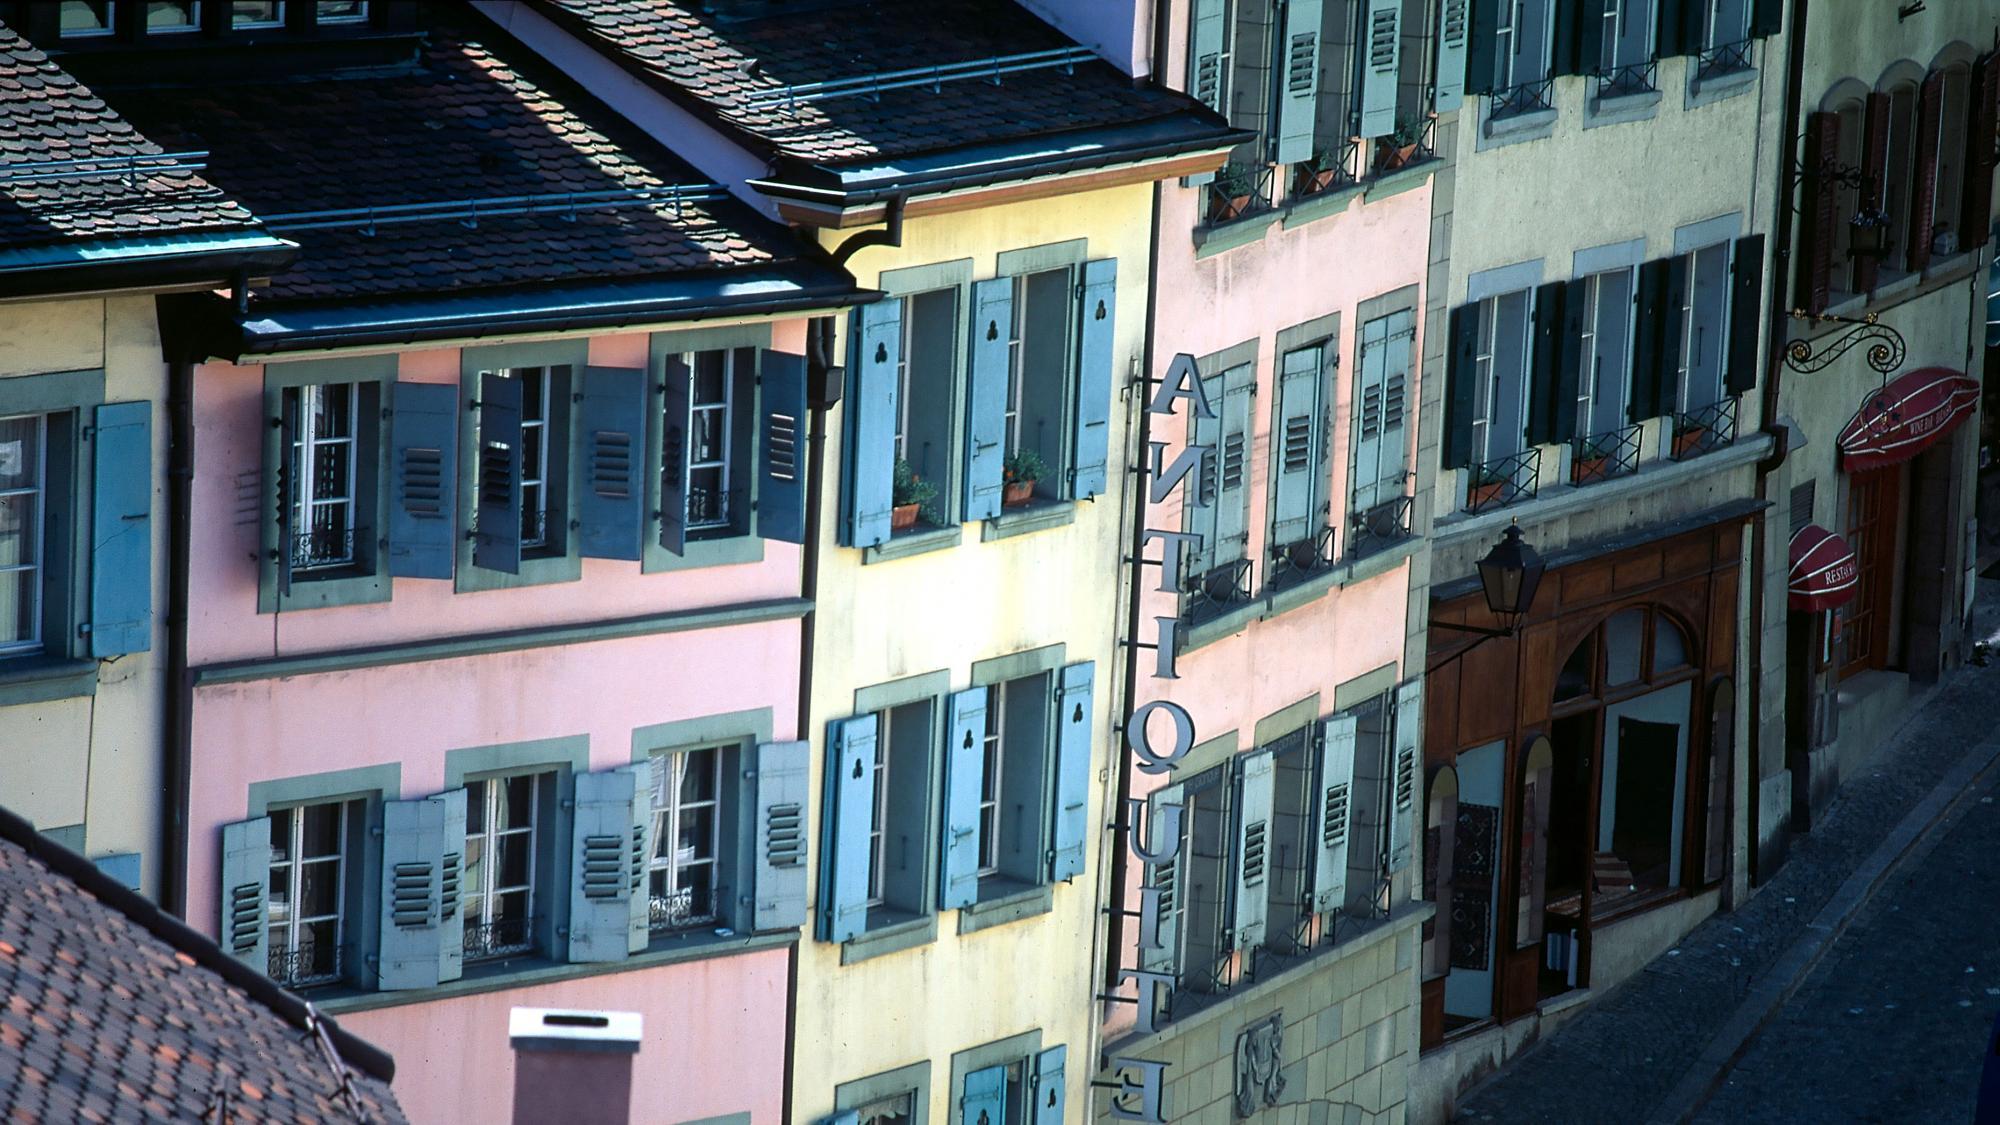 Se loger  Lausanne  Lausanne Tourisme